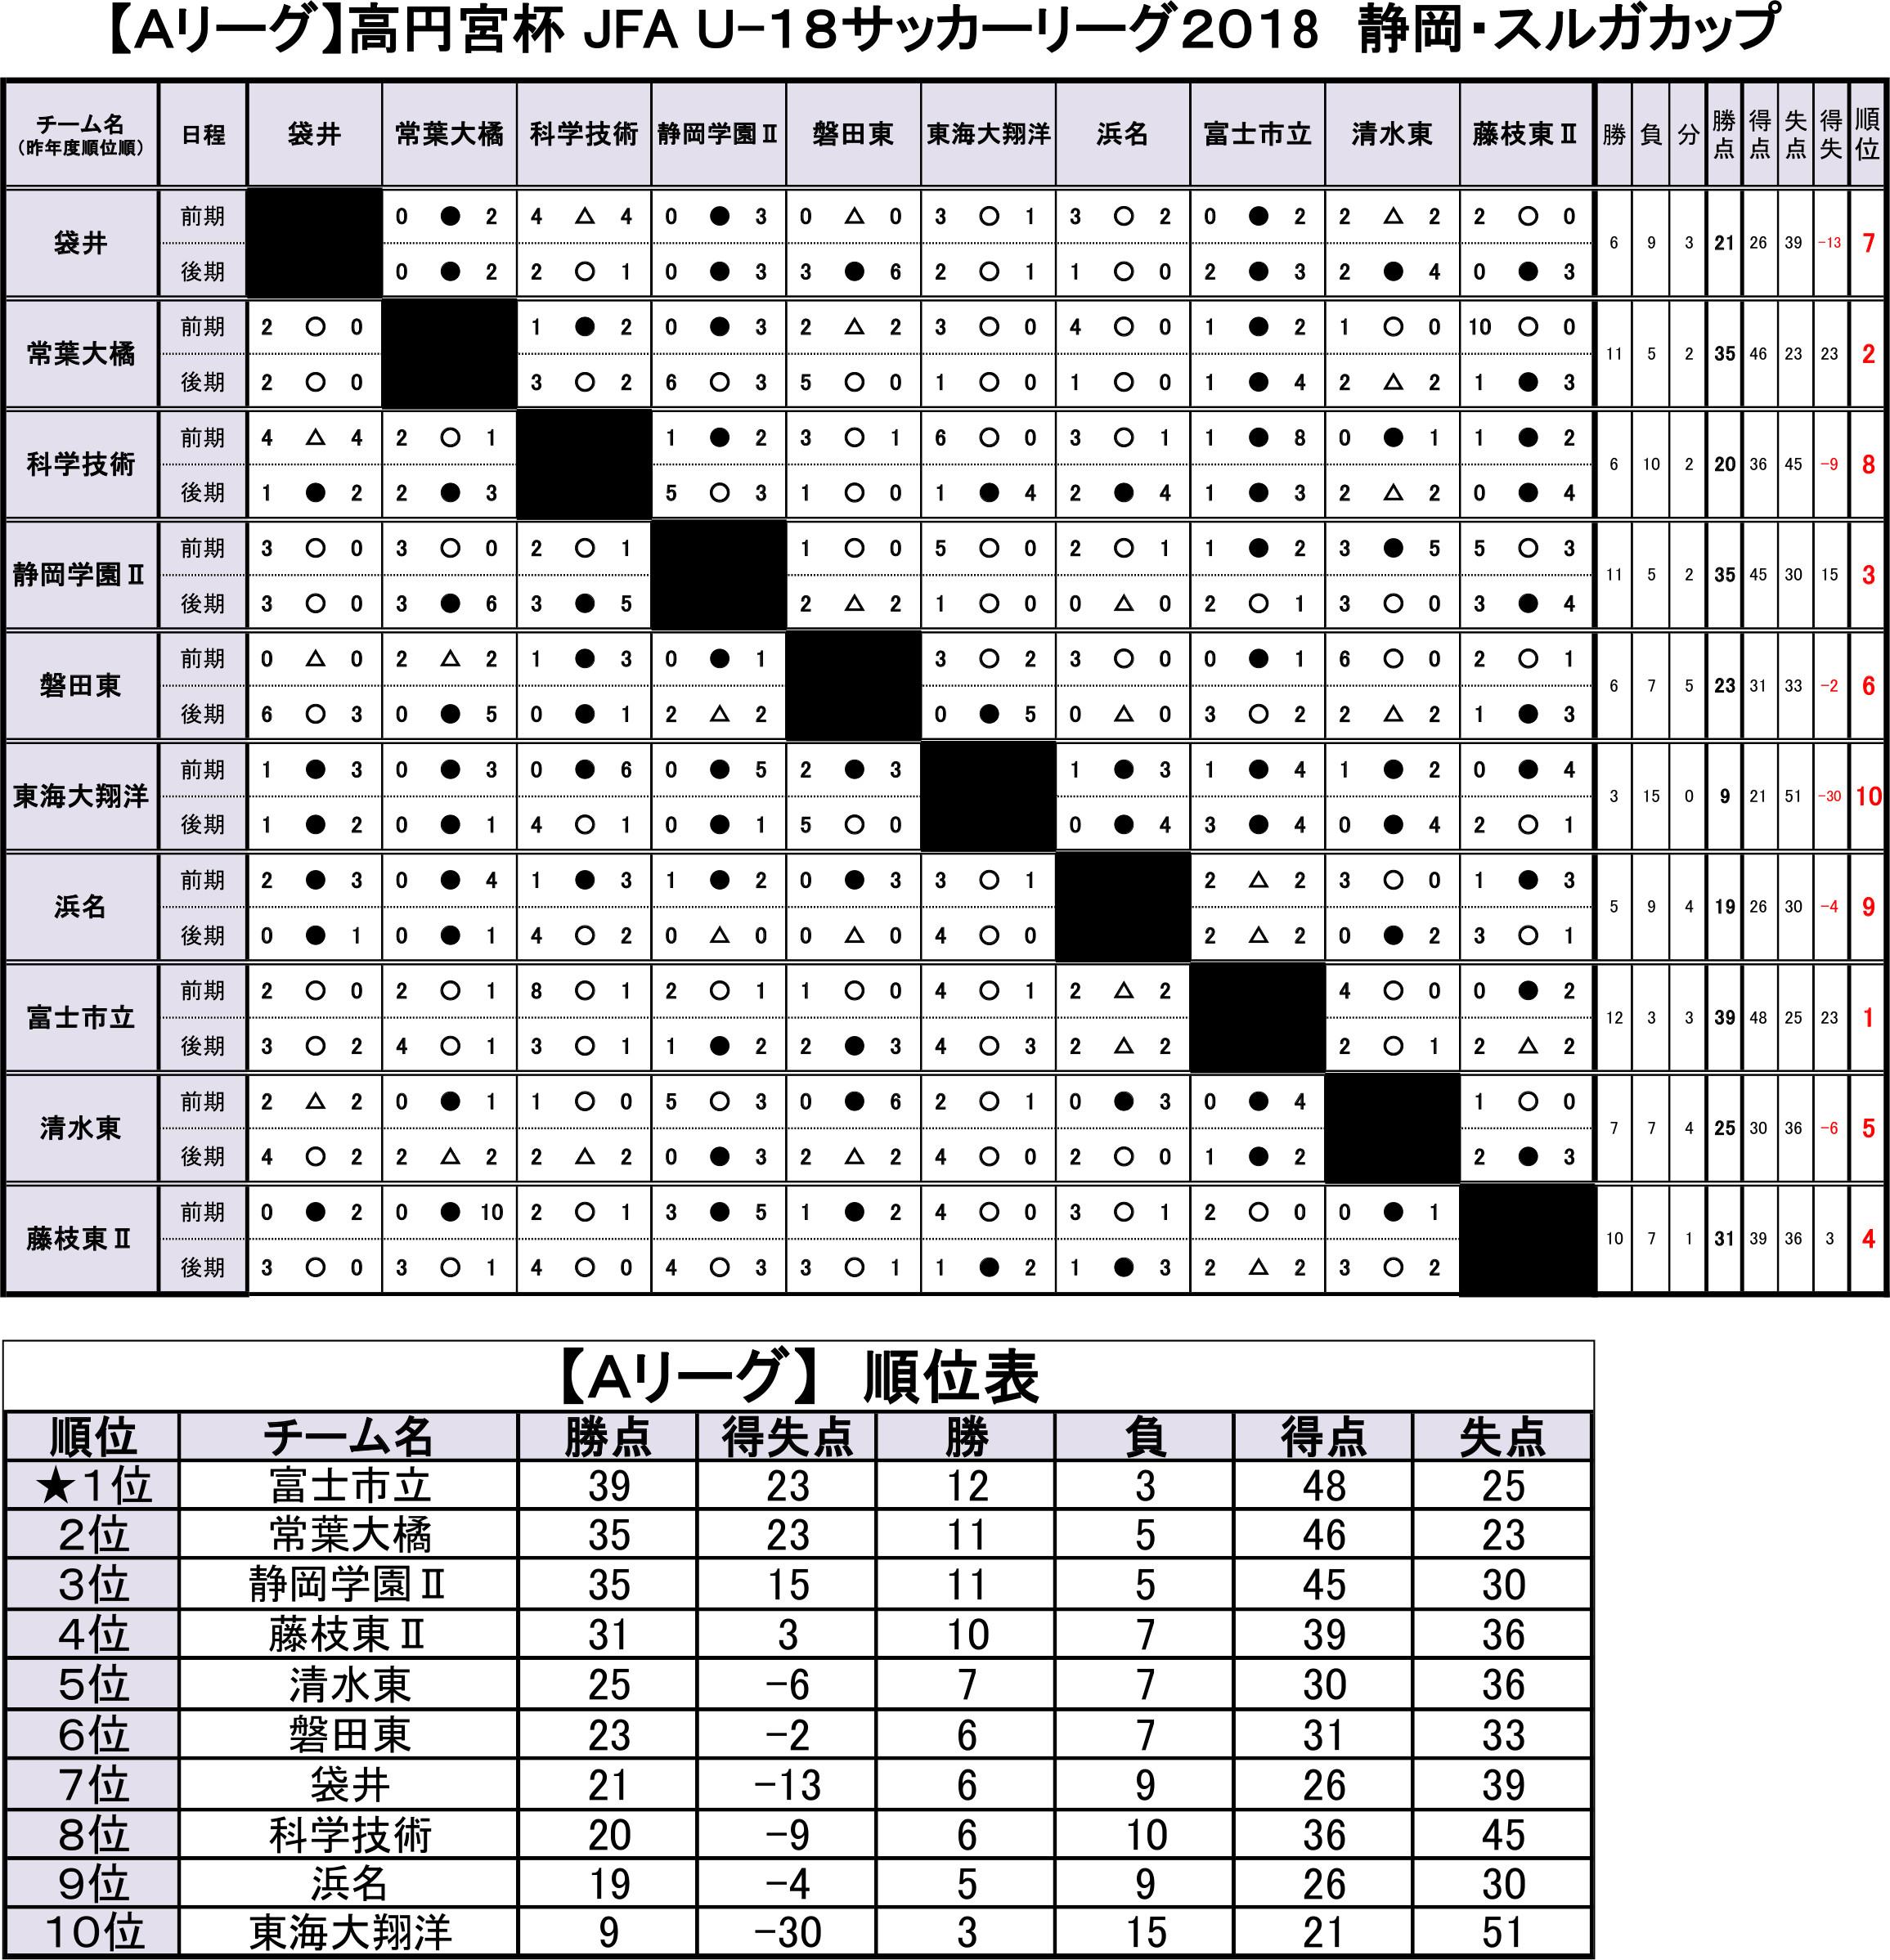 高円宮杯 JFA U-18サッカーリーグ2018静岡・スルガカップ Aリーグ後期 トーナメント表